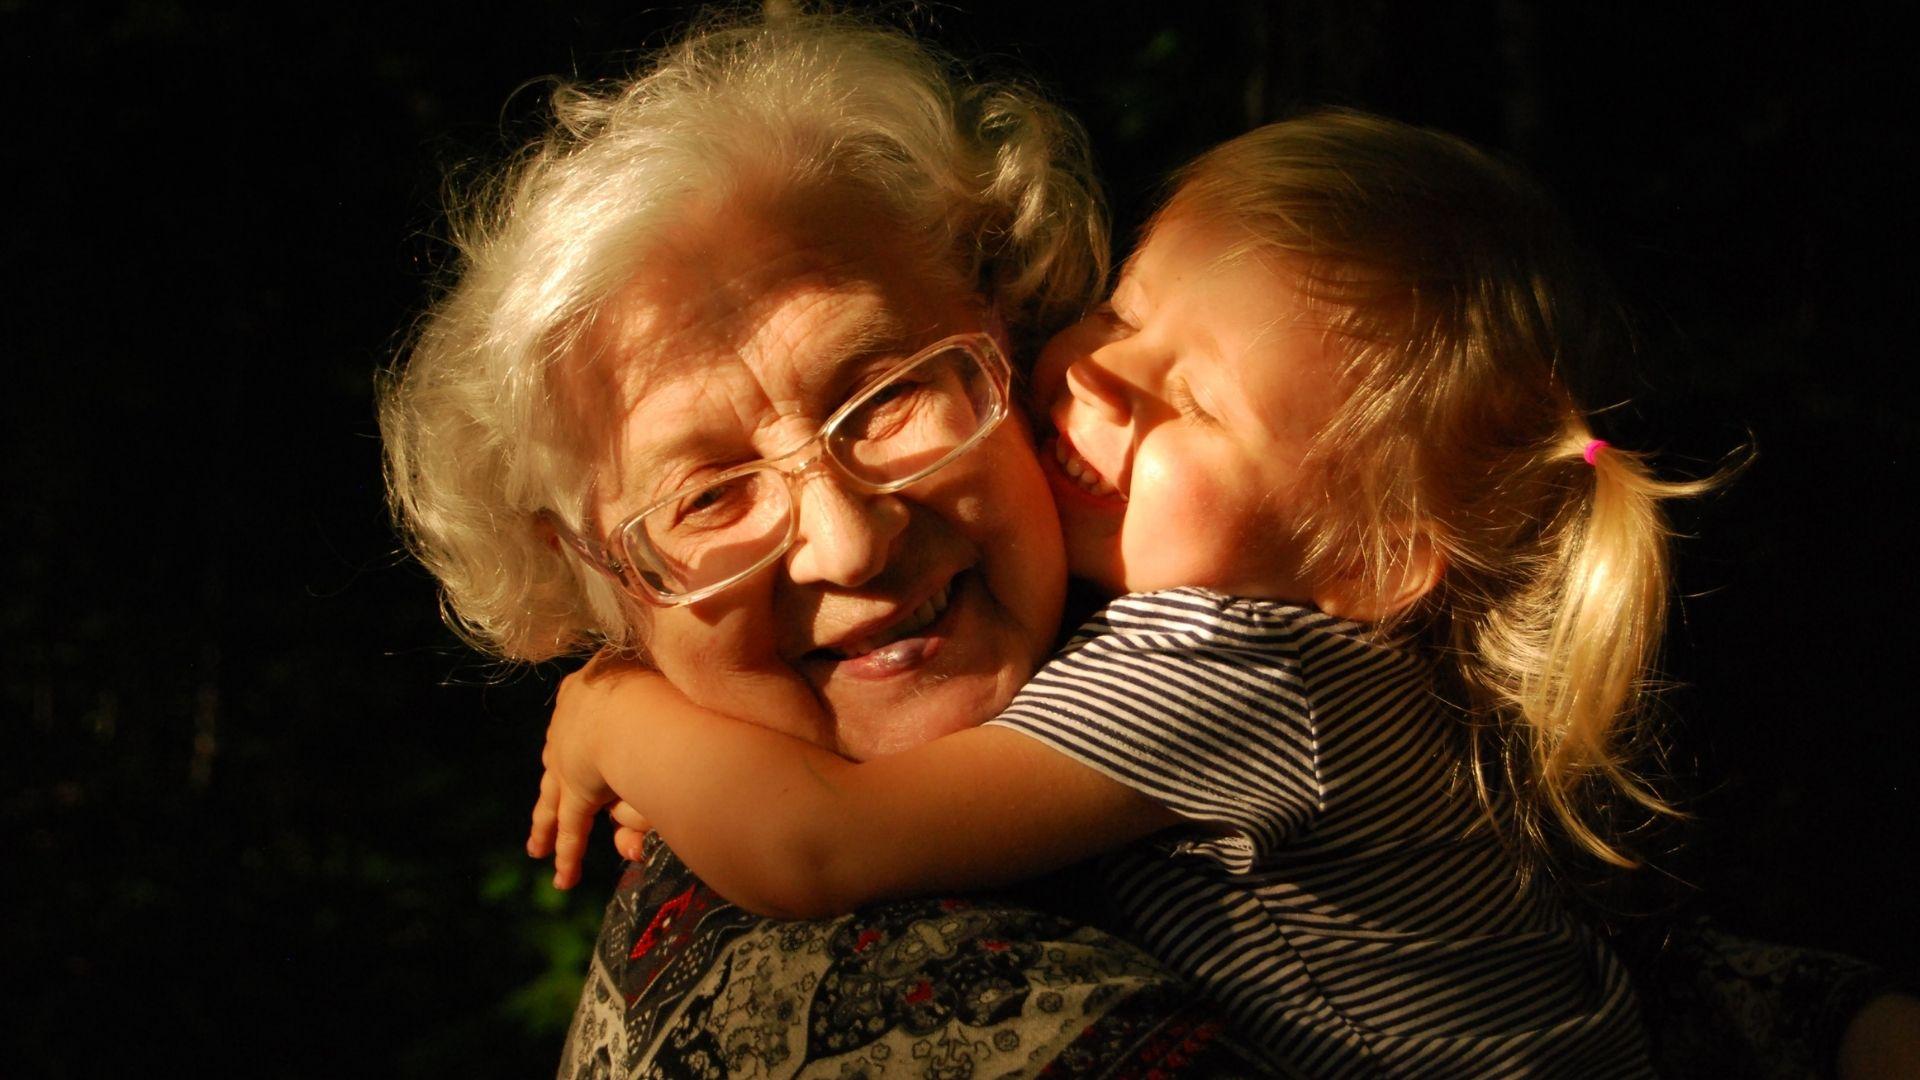 Fotografia malého dievčatka, ktoré objíma svoju babičku. Obe sa usmievajú a sú šťastné.